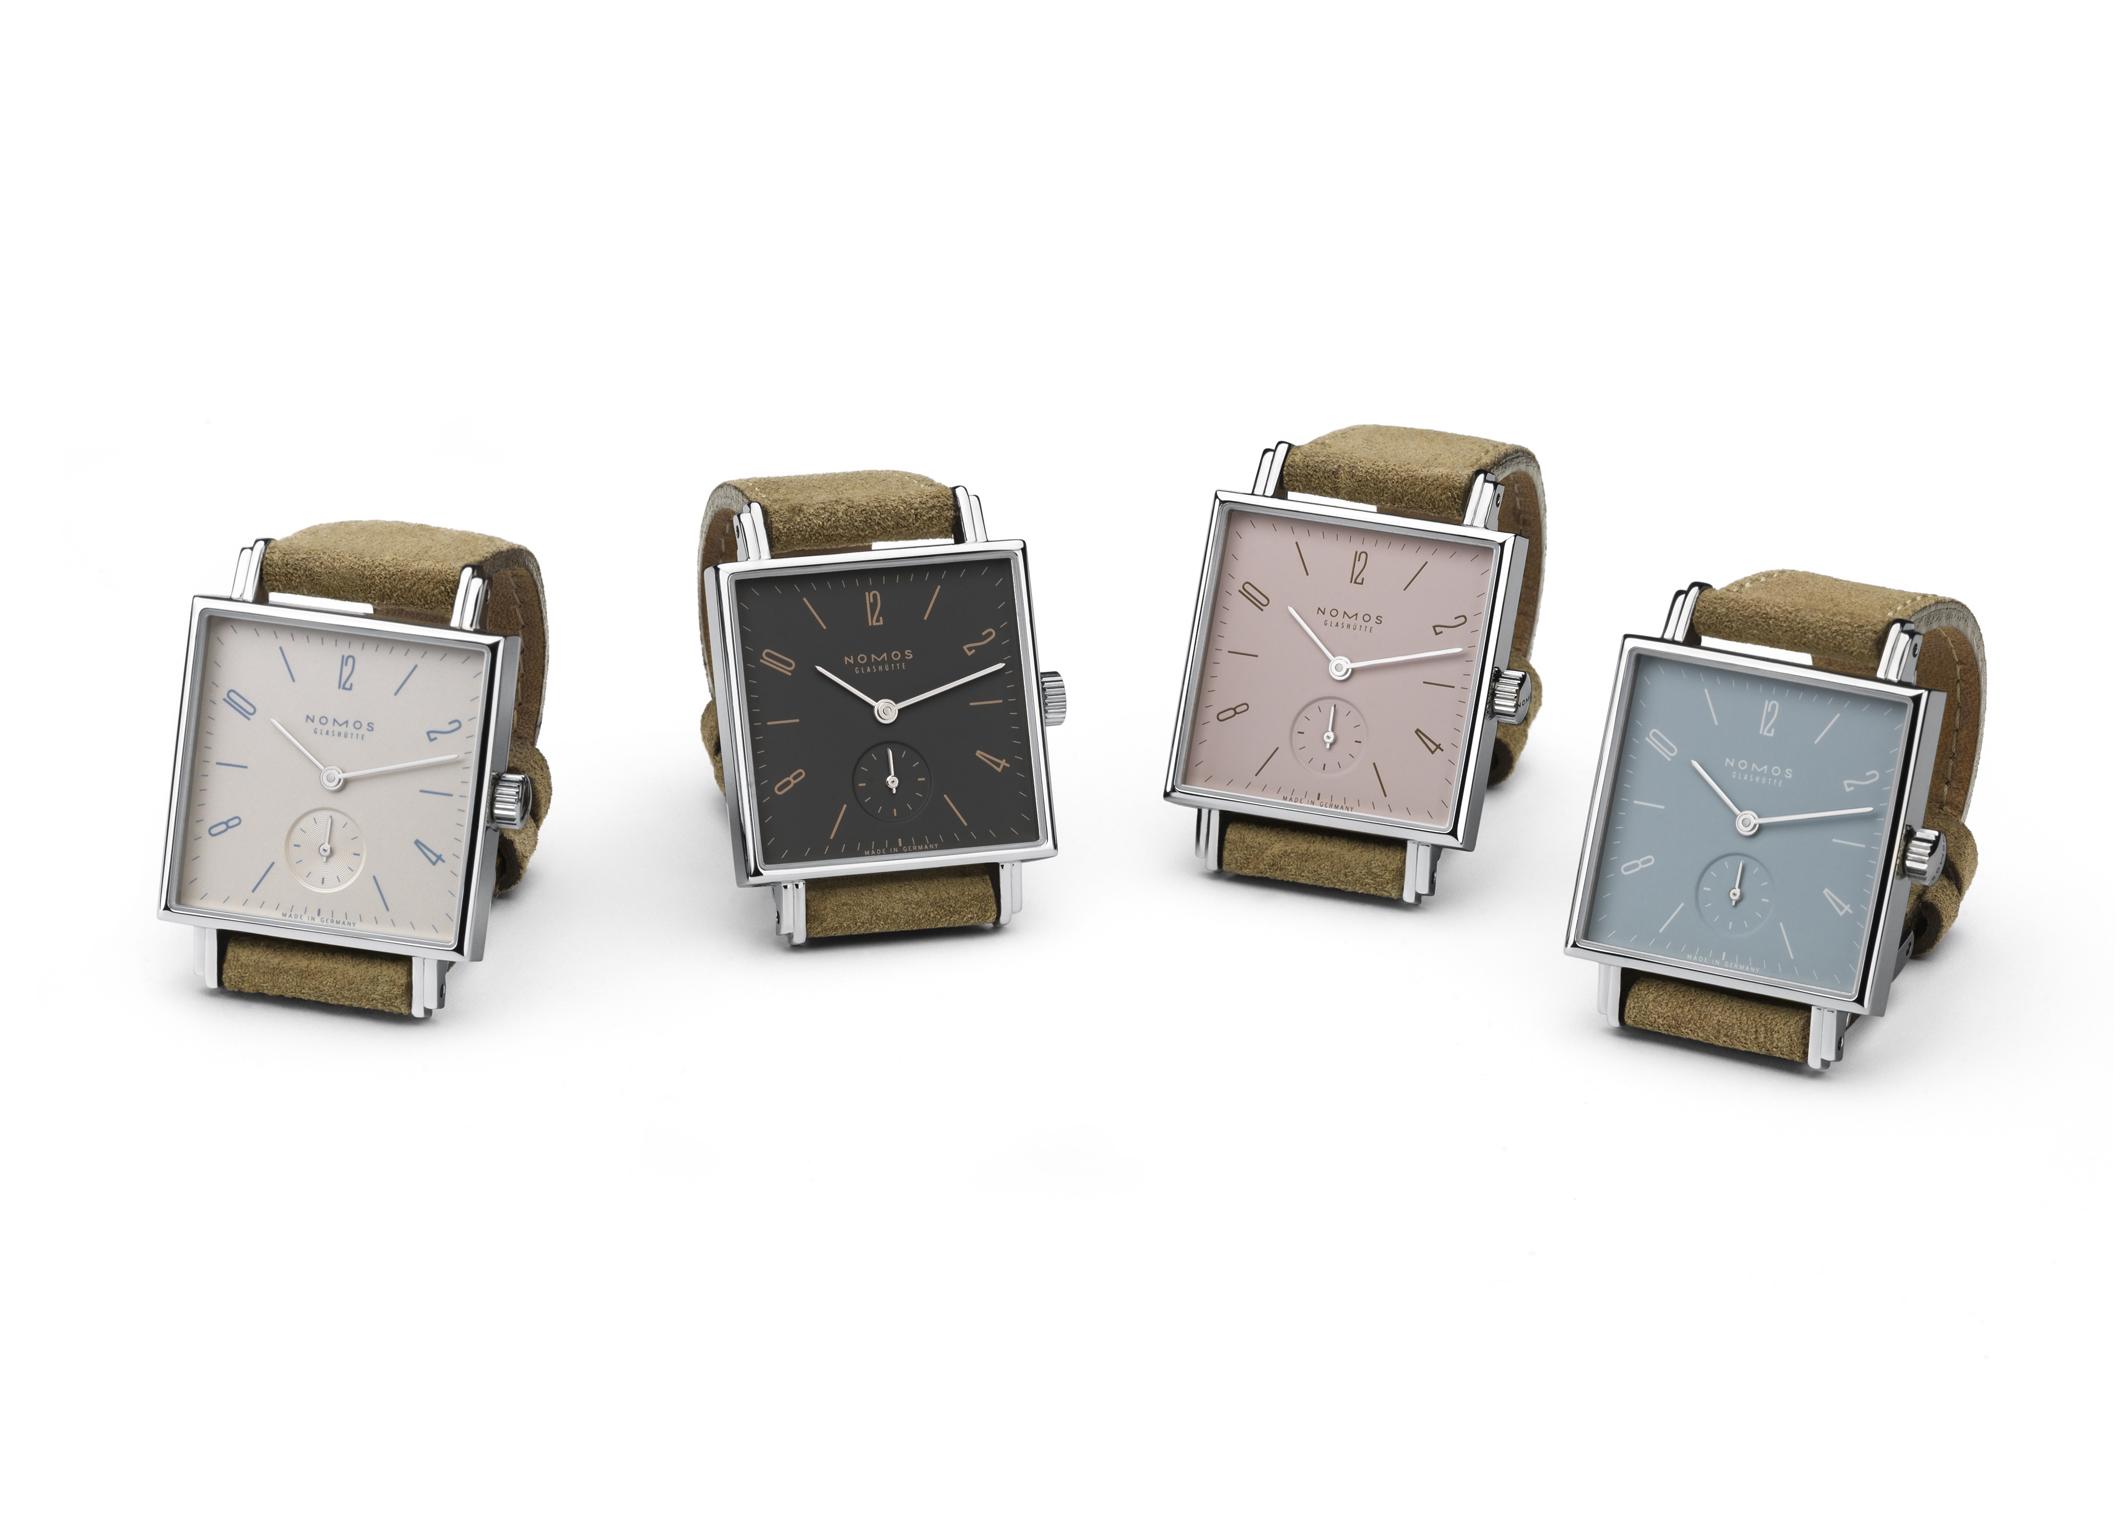 NOMOS Glashütte – Die Tetra tickt seit Juni 2012 in vier neuen Farbvarianten